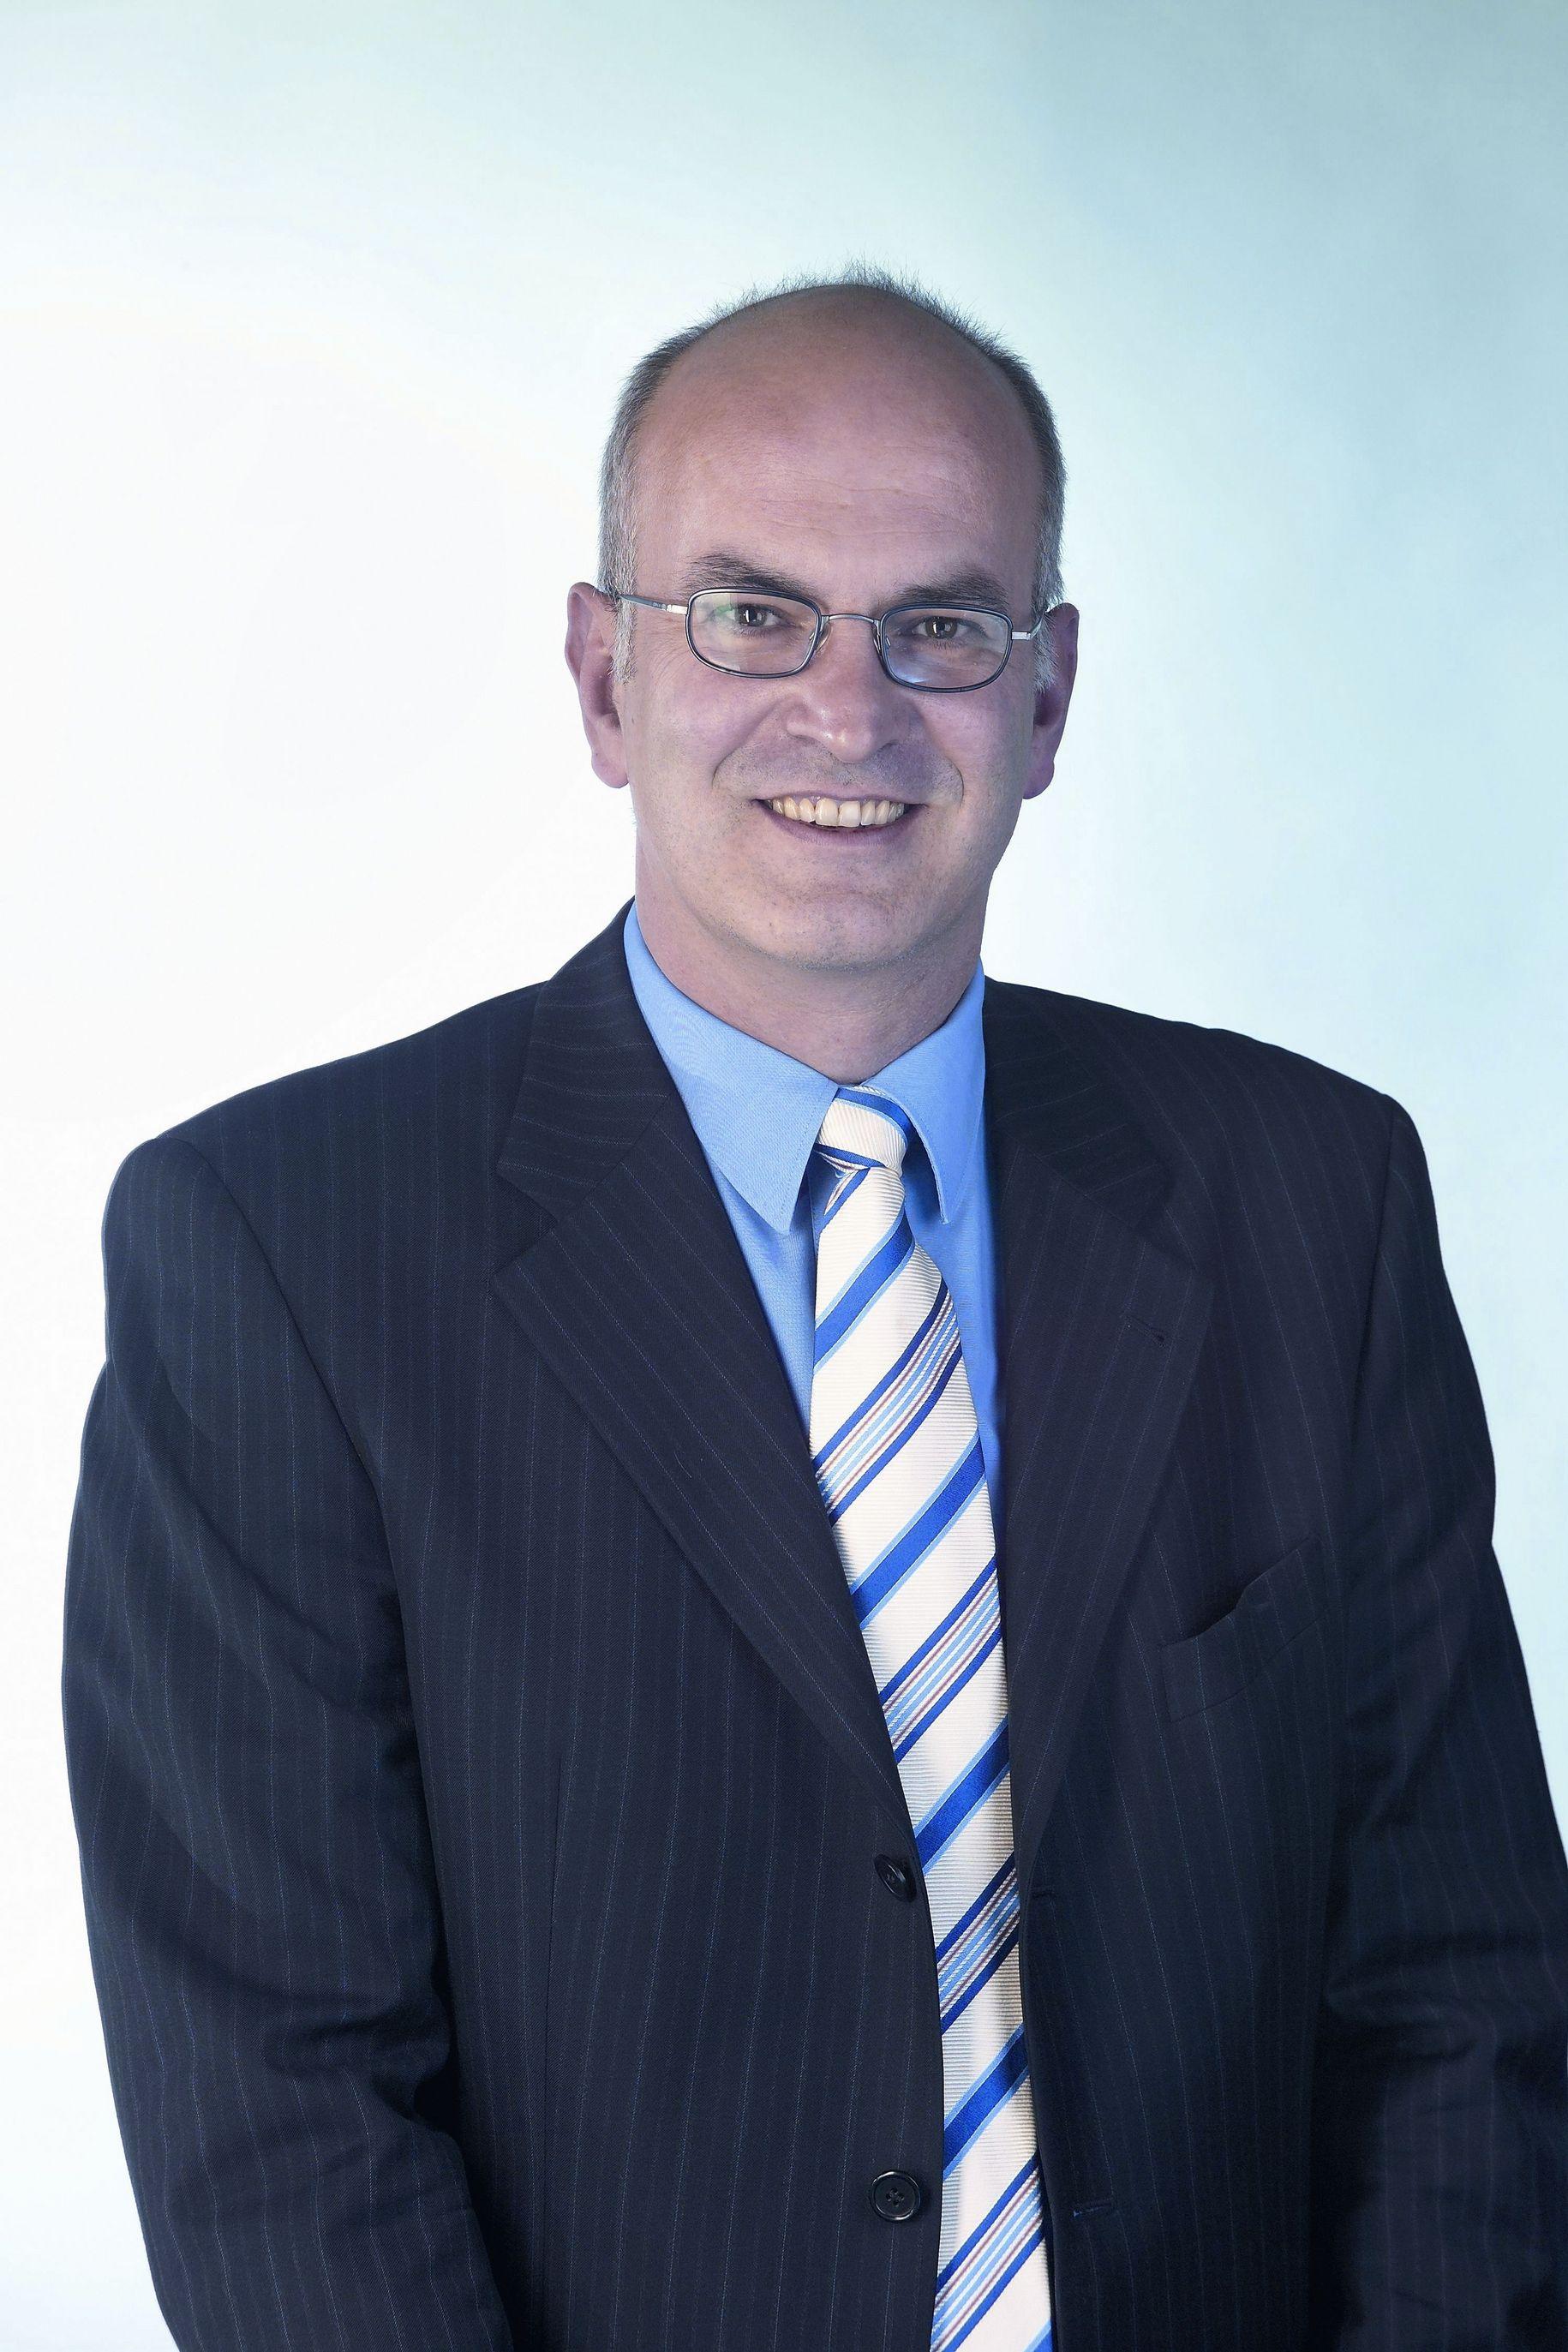 Markus Höfliger, Geschäftsführer, Harro Höfliger Verpackungsmaschinen GmbH, Allmersbach im Tal